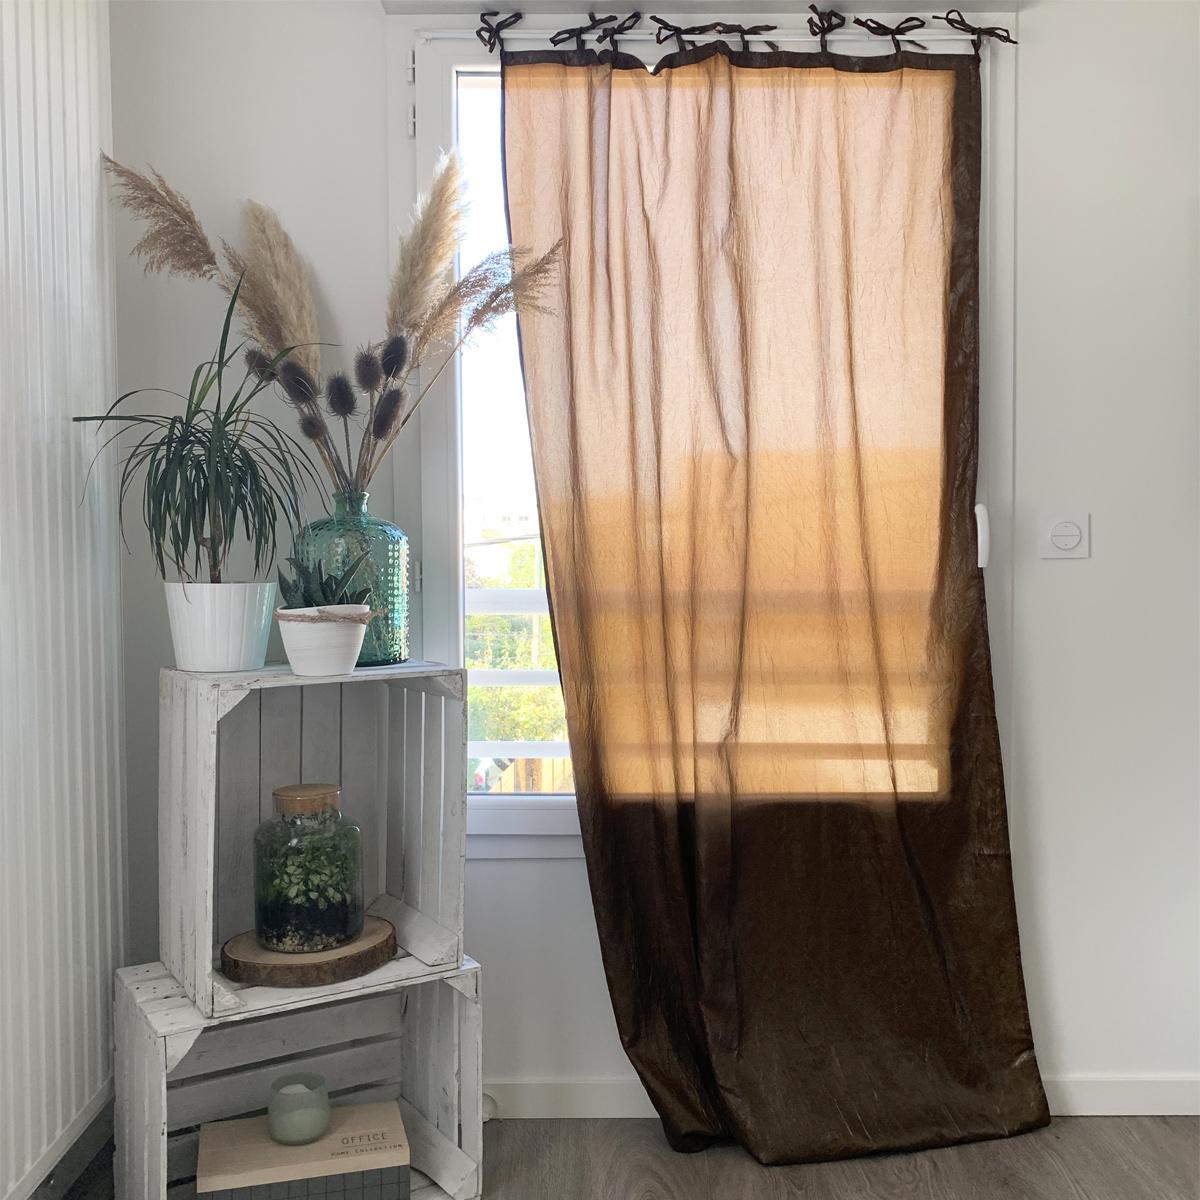 Rideau à nouettes aspect froissé - Chocolat - 110 x 110 x 75 cm